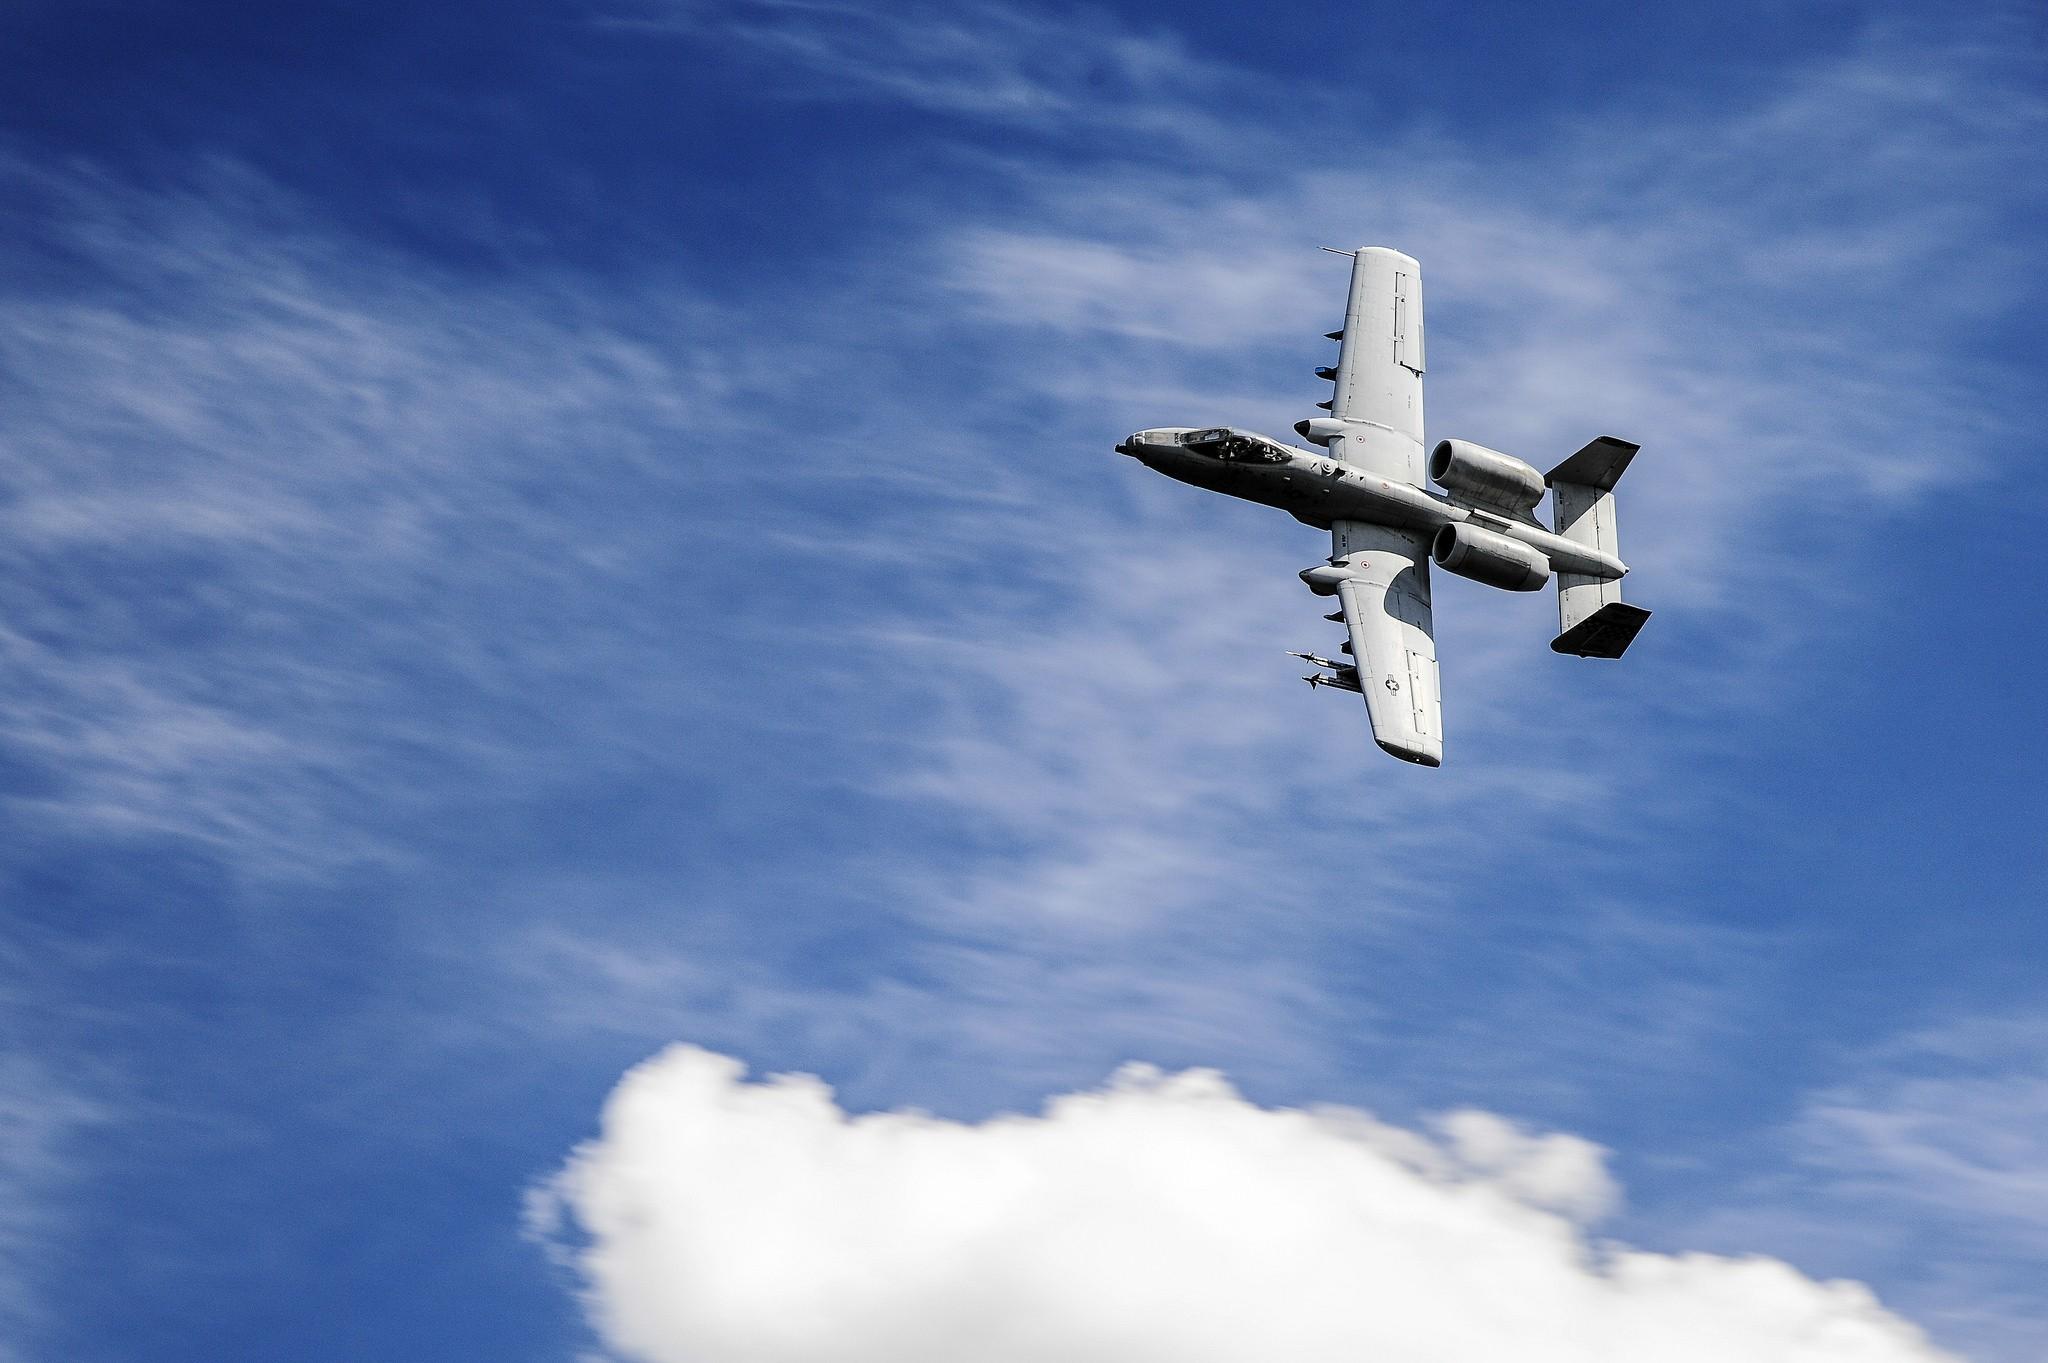 удалось найти, картинки с самолетами в небе военный картофель размещаем